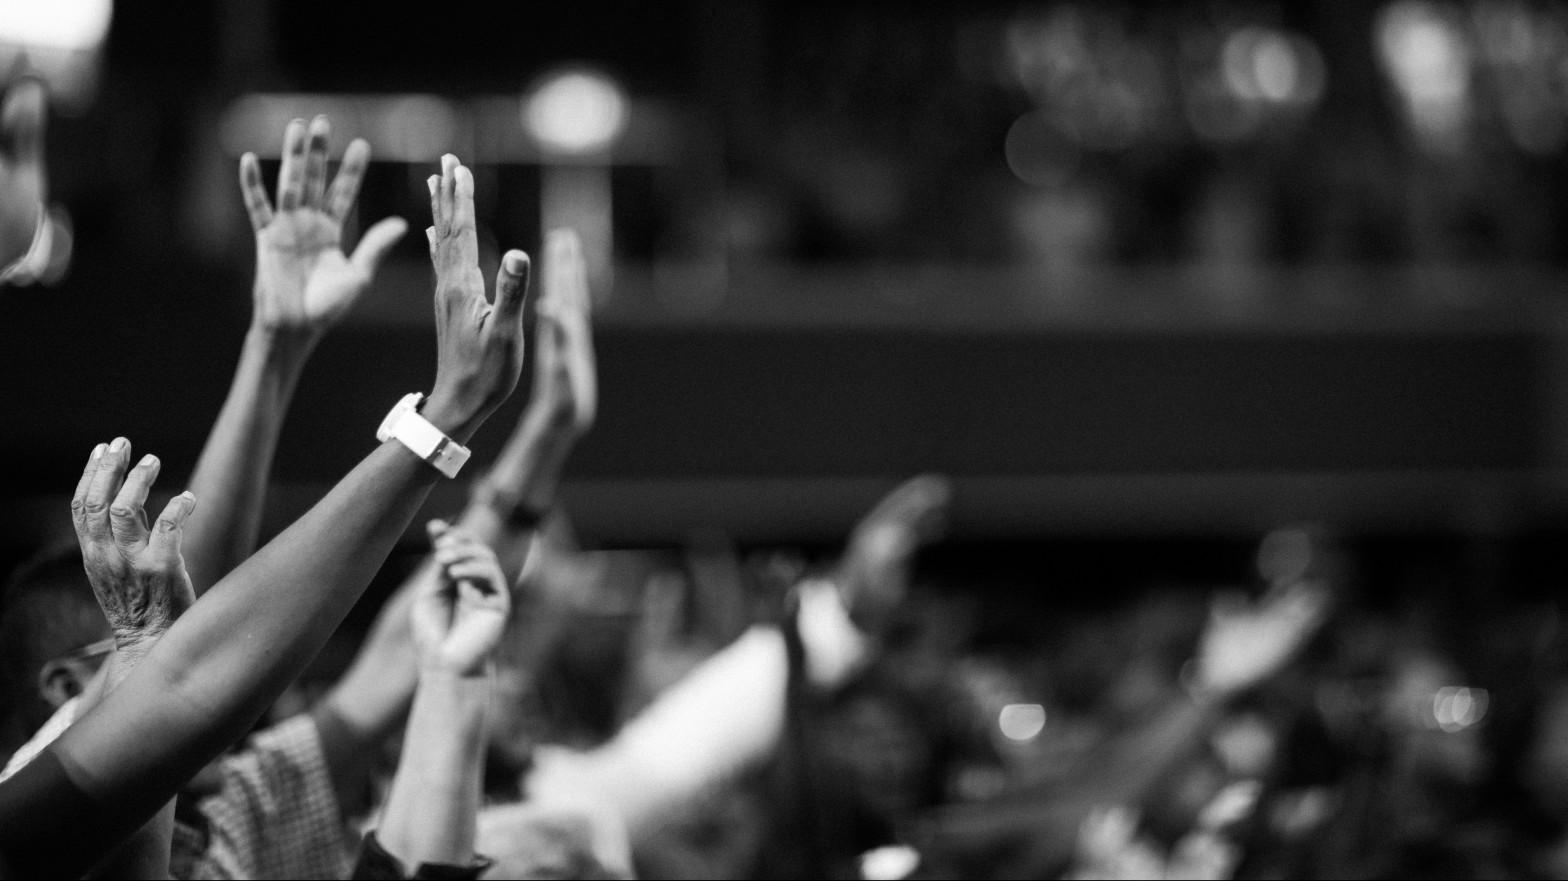 La música en vivo facturó un 63,8% menos en 2020, a niveles de hace más de una década